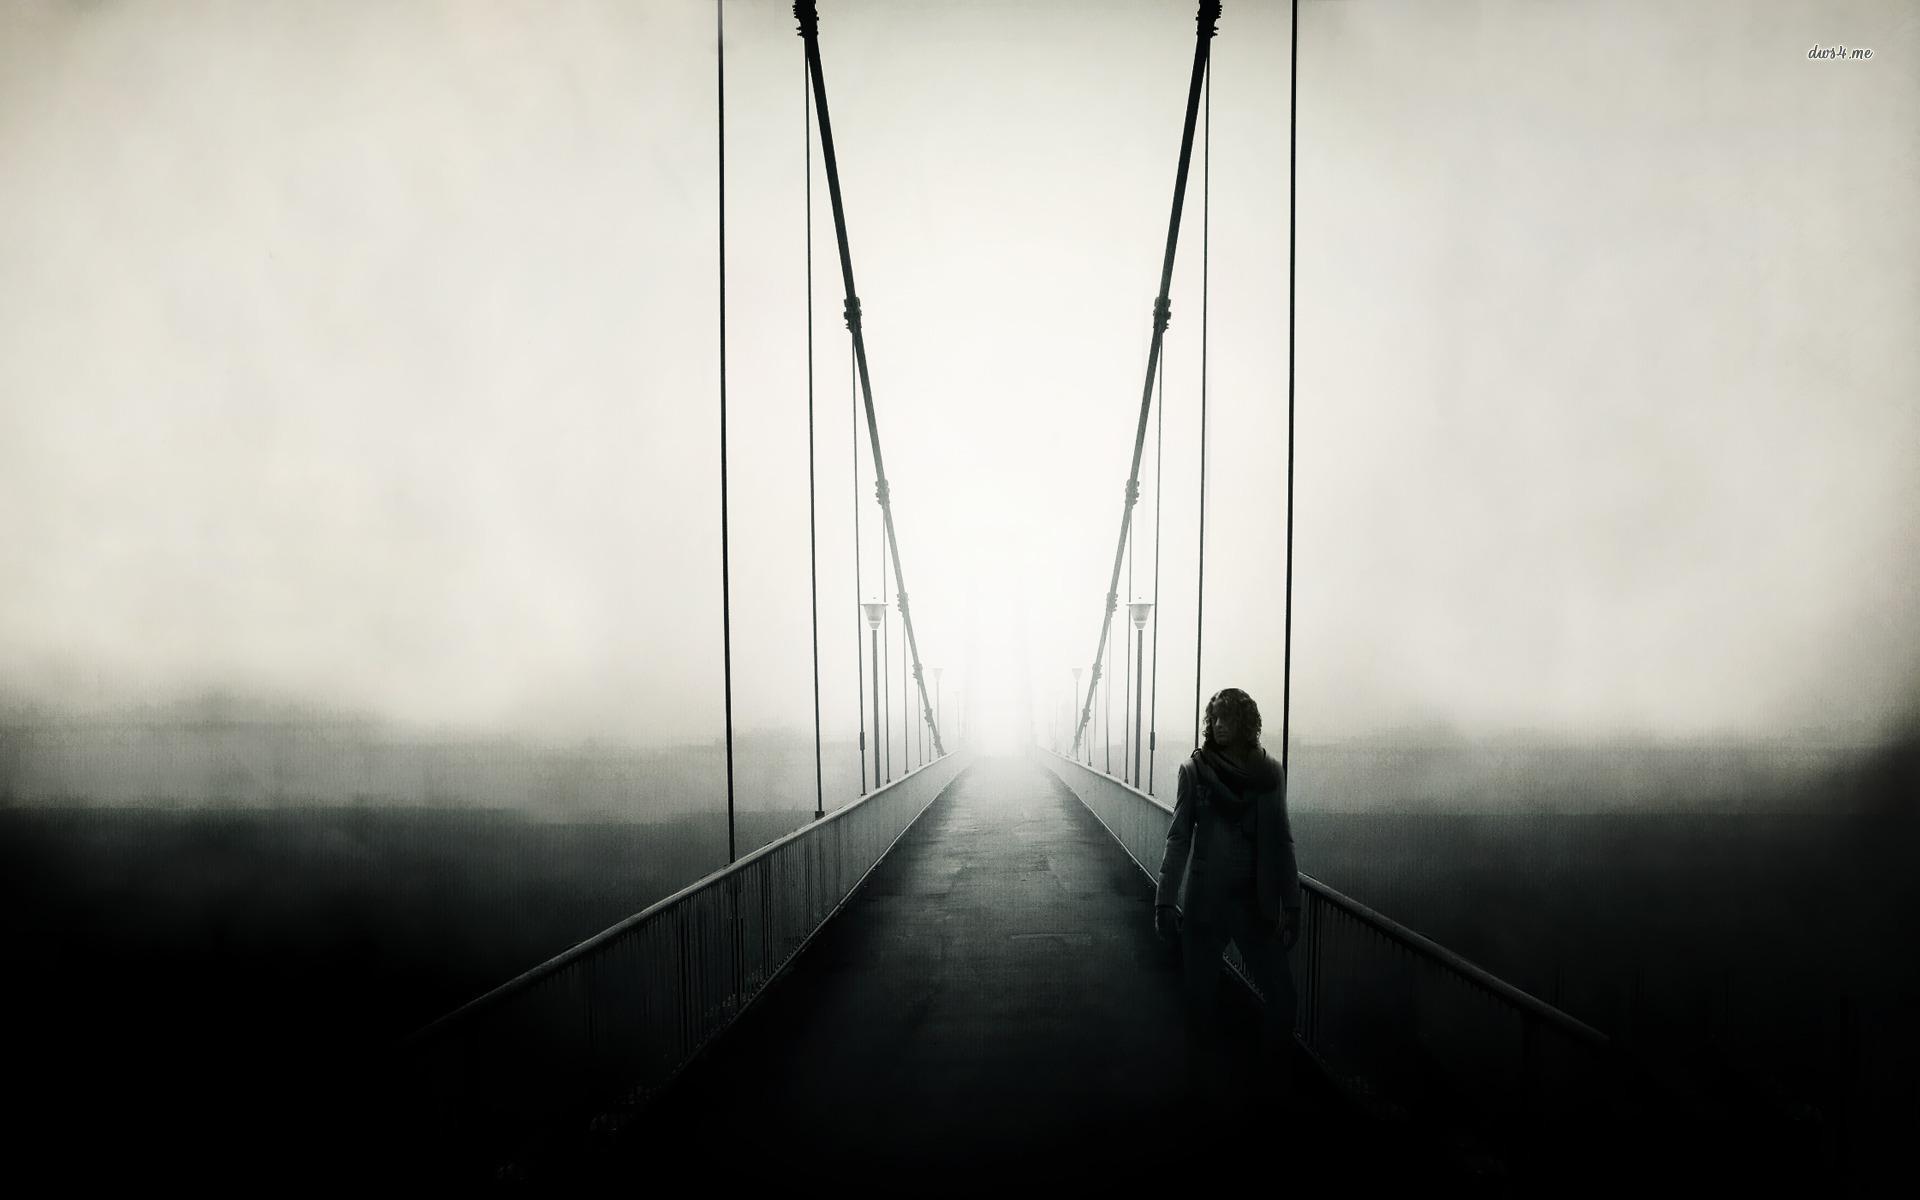 4075-man-on-a-bridge-1920x1200-fantasy-wallpaper